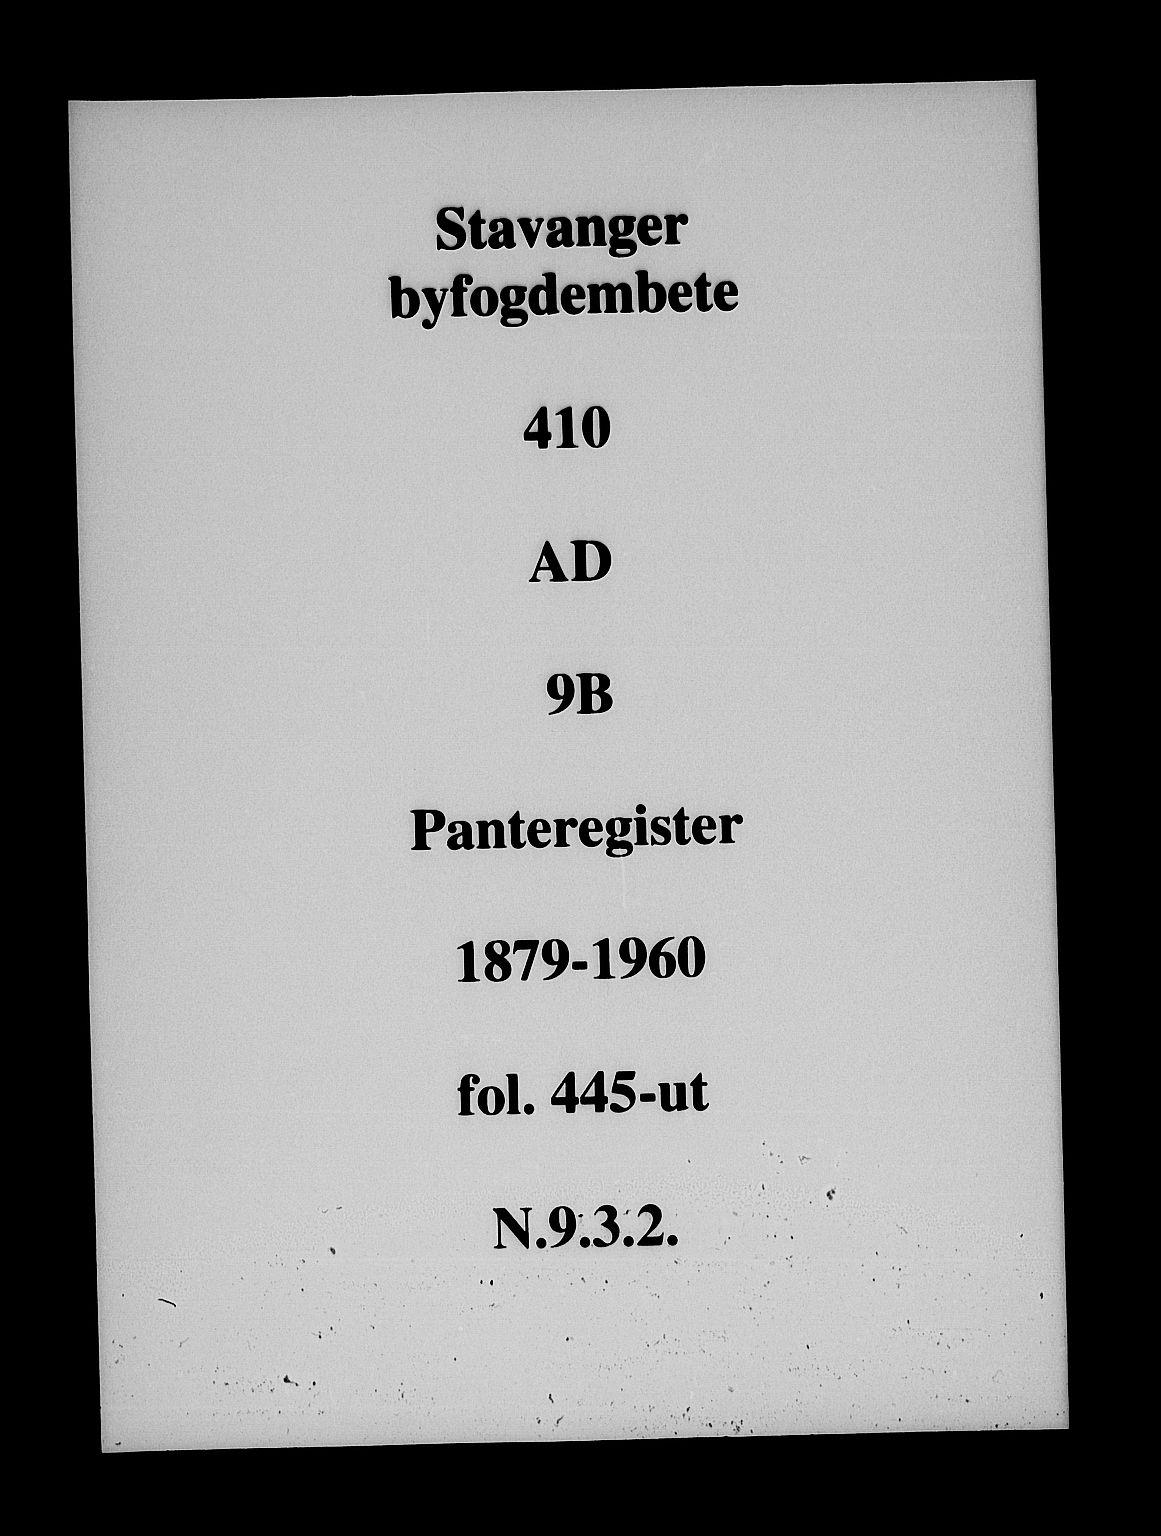 SAST, Stavanger byfogd, 4/41/410/410AD/L0009B: Panteregister nr. AD 9B, 1879